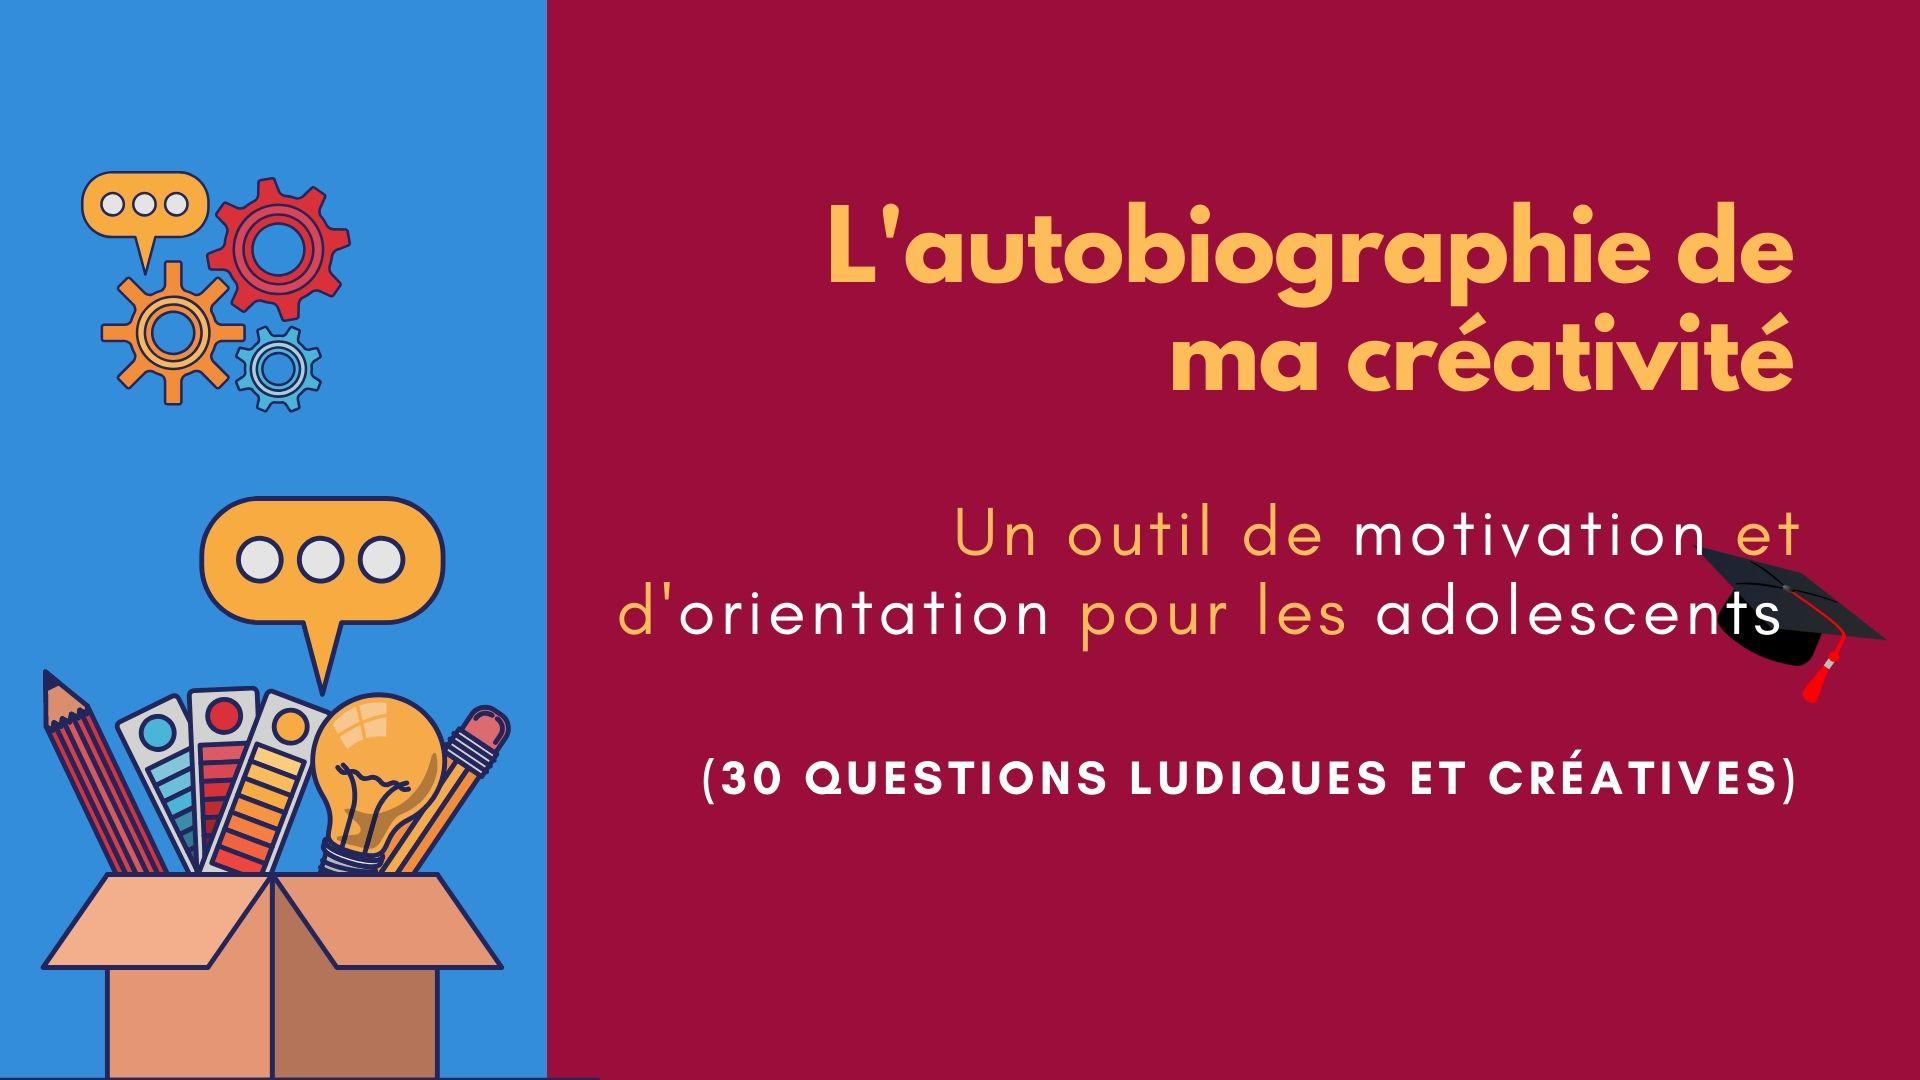 autobiographie créativité motivation orientation adolescents